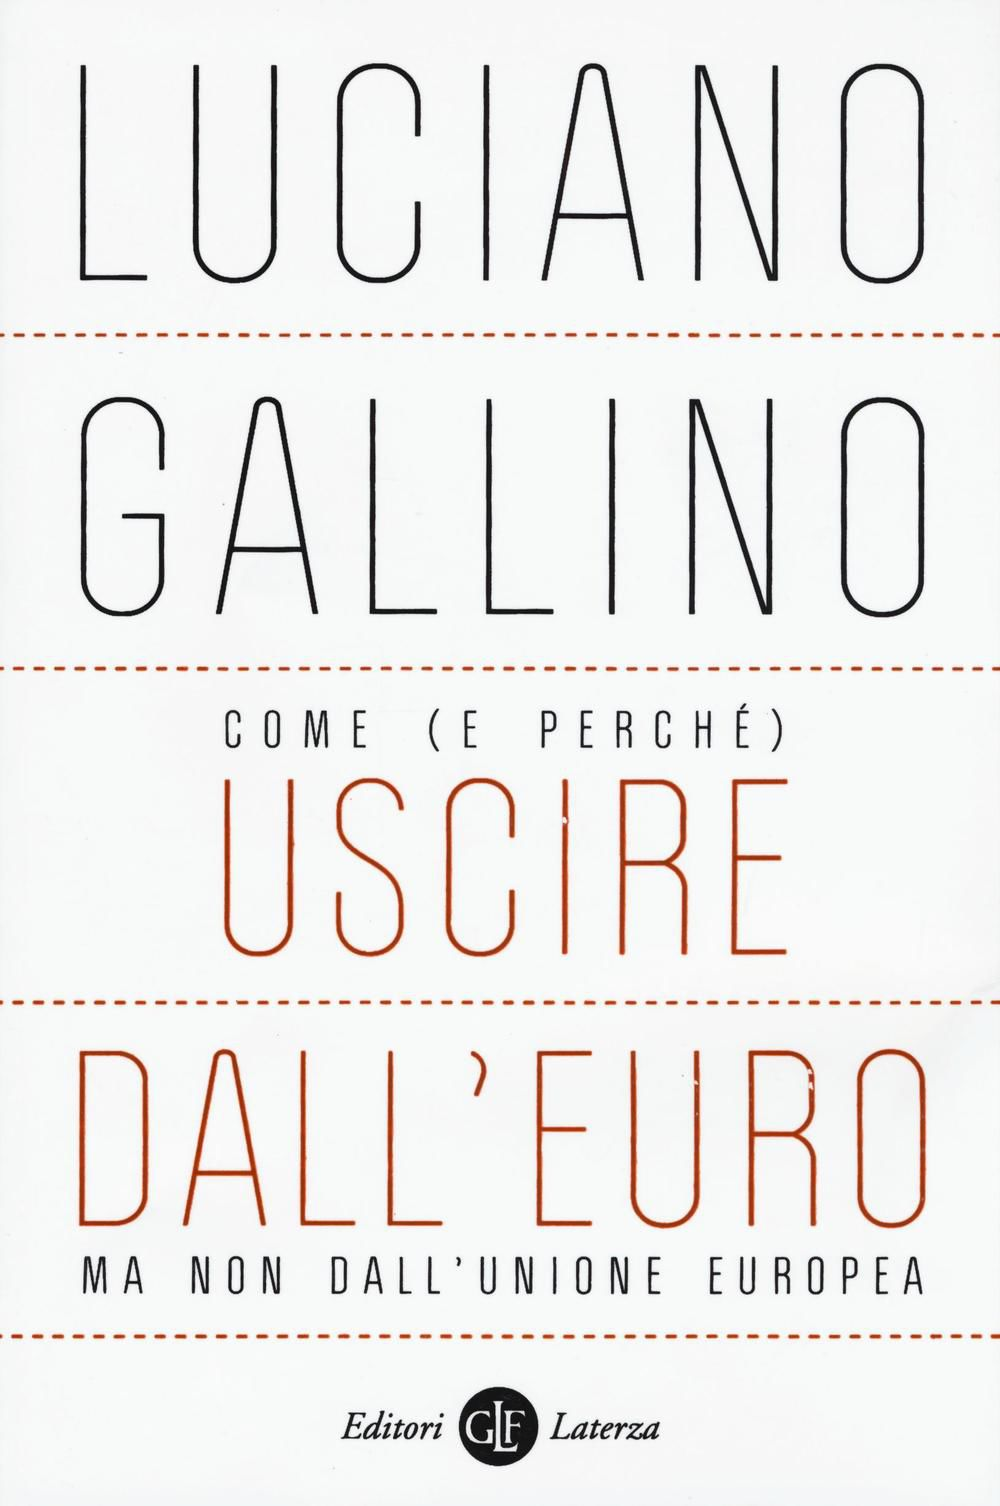 Come (e perchè) uscire dall'euro, ma non dall'Unione Europea. Luciano Gallino